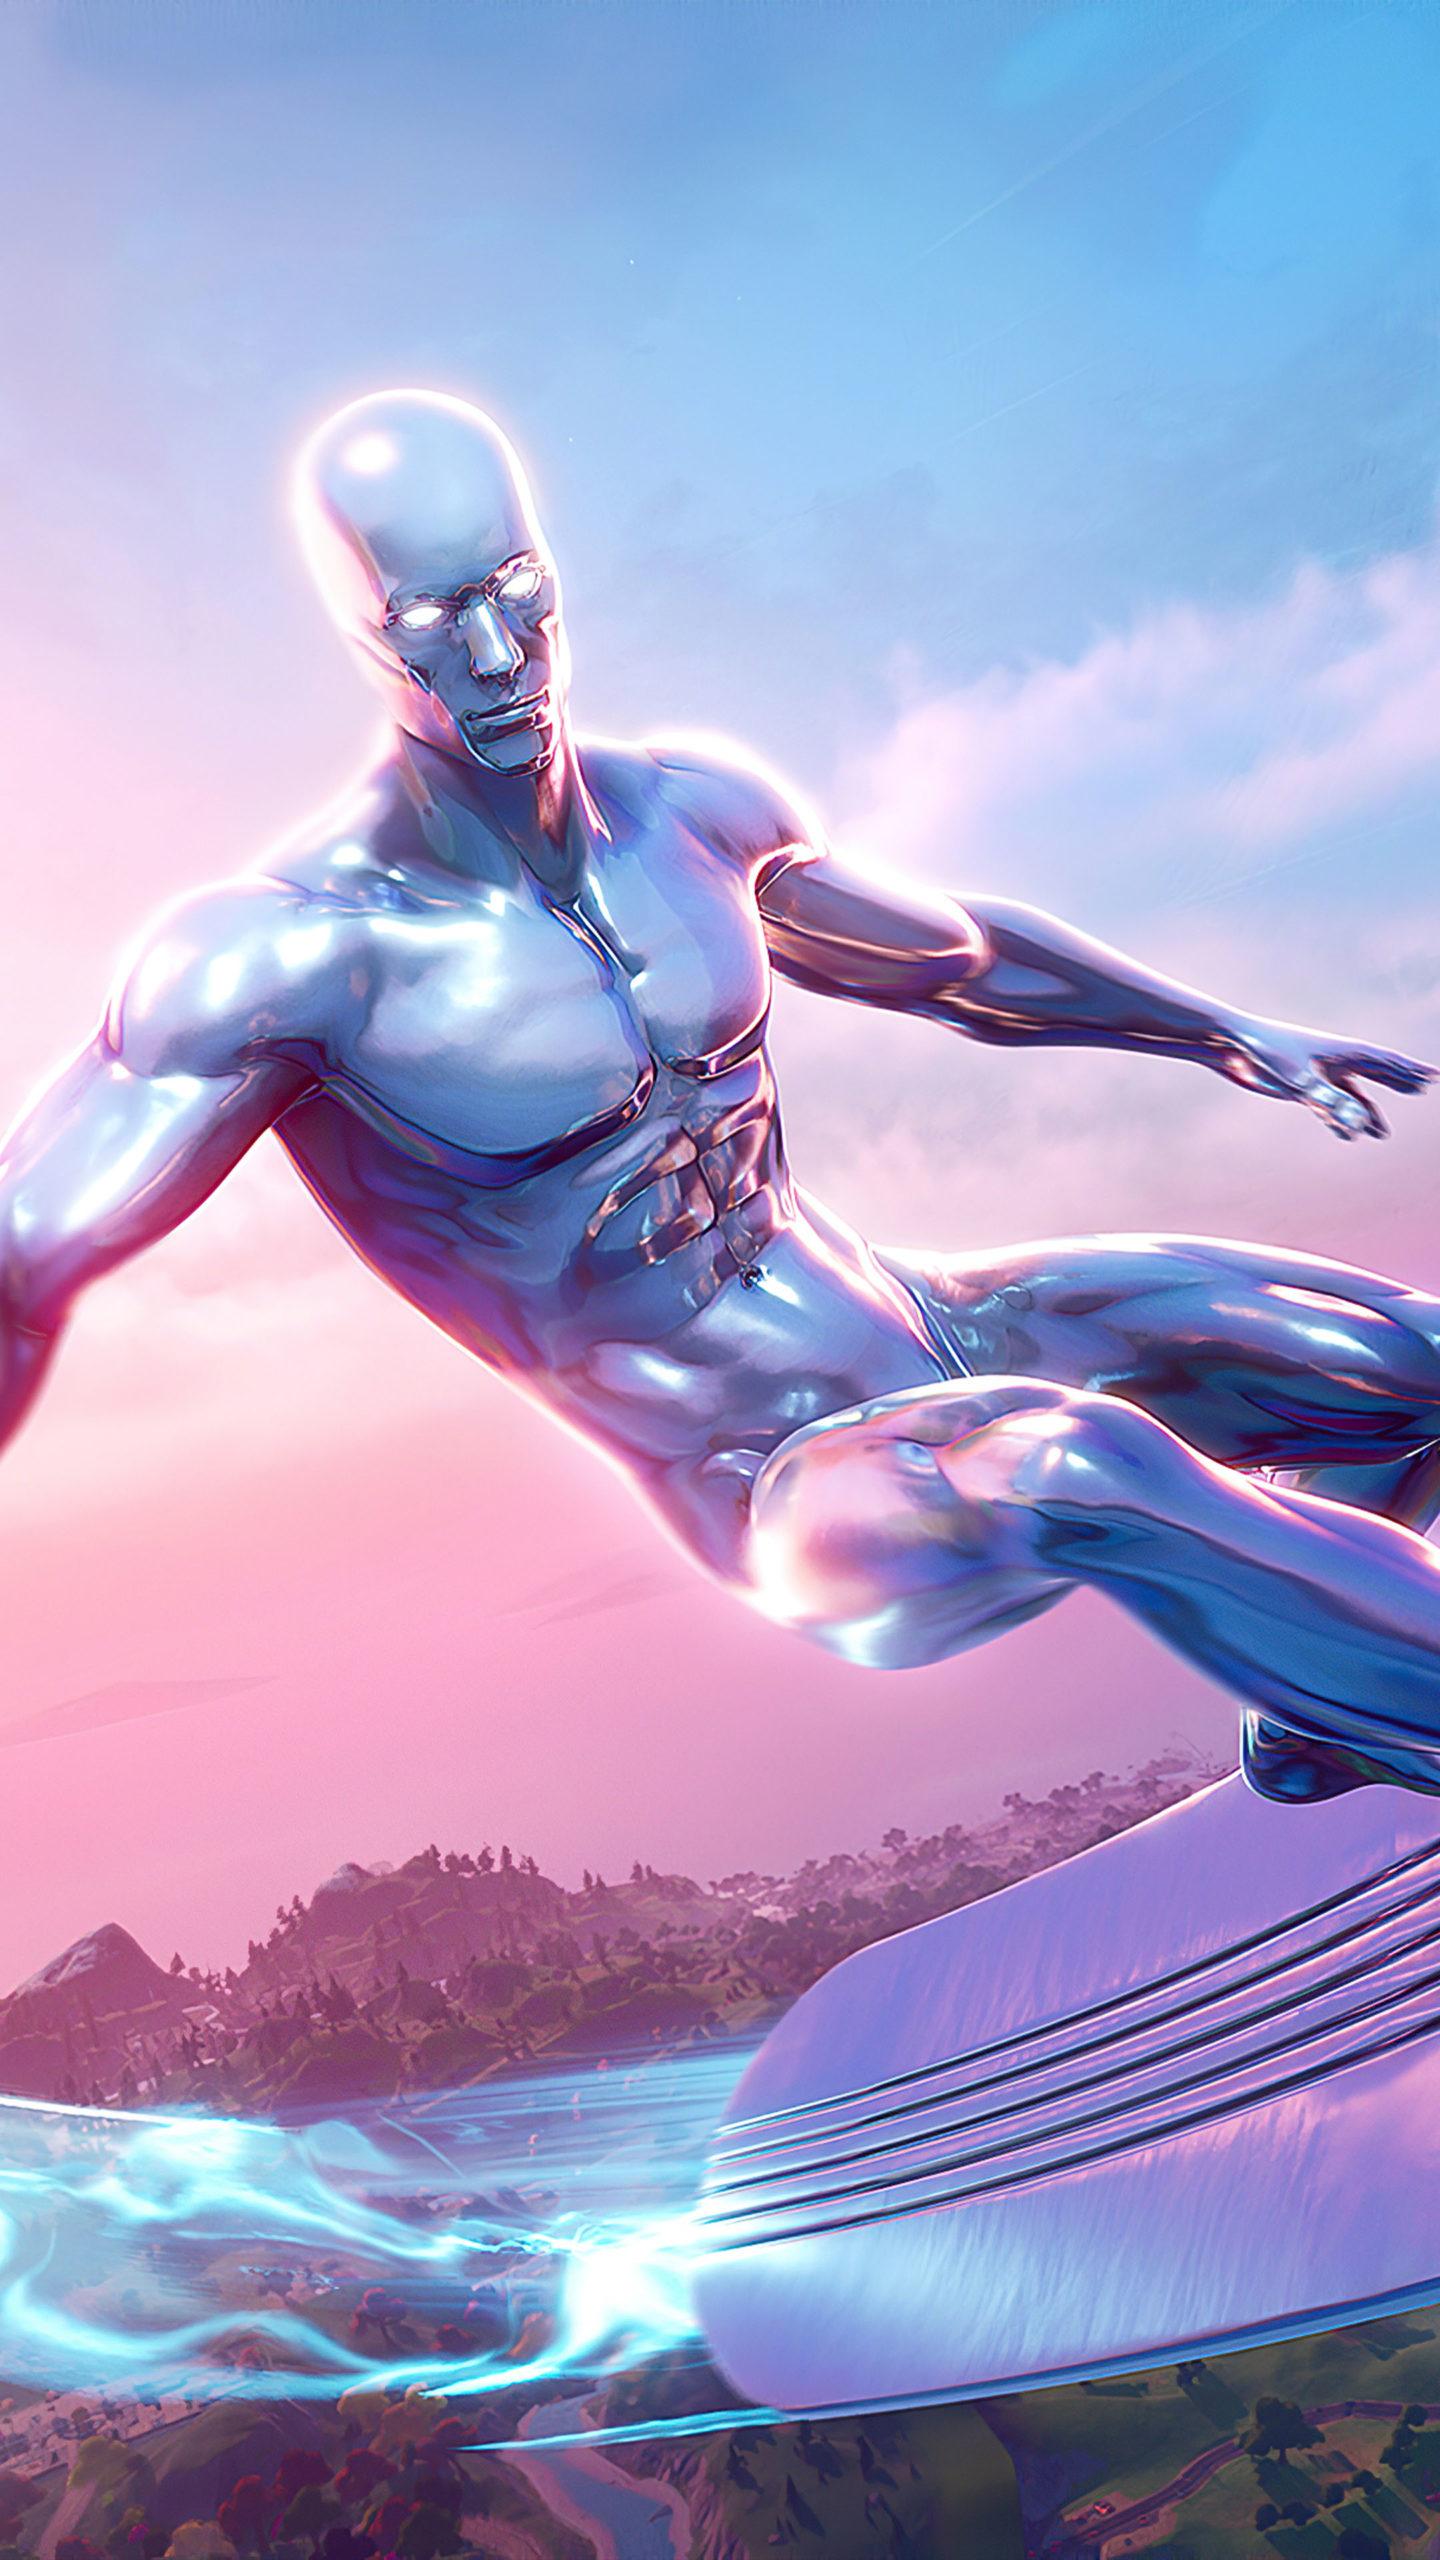 Silver Surfer Fortnite 4K Ultra HD Mobile Wallpaper